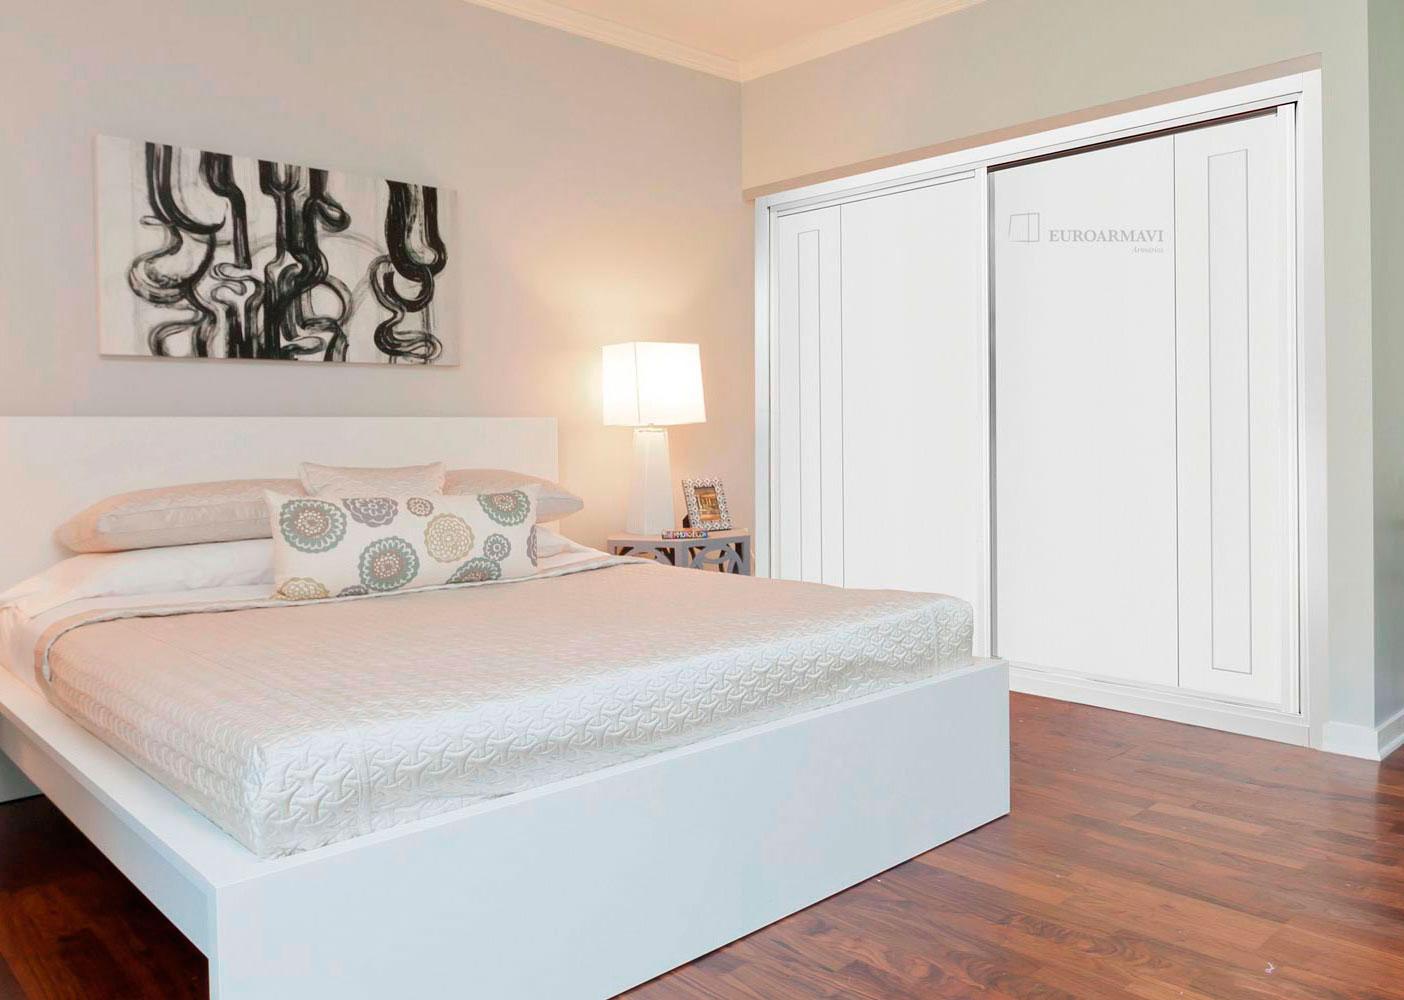 Euroarmavi - Armario dormitorio blanco ...